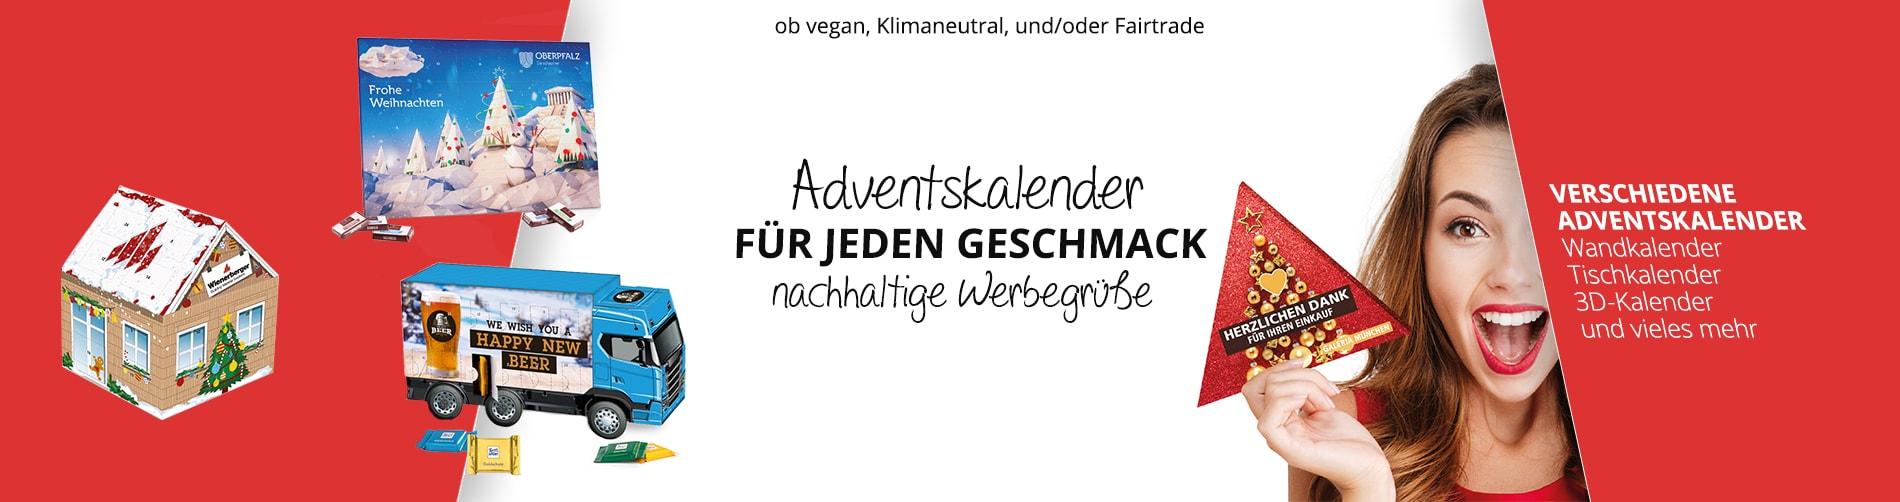 Bedruckte Werbeartikel von BizTune - bedruckte Adventskalender - nachhaltige Adventskalender - Bio Adventskalender